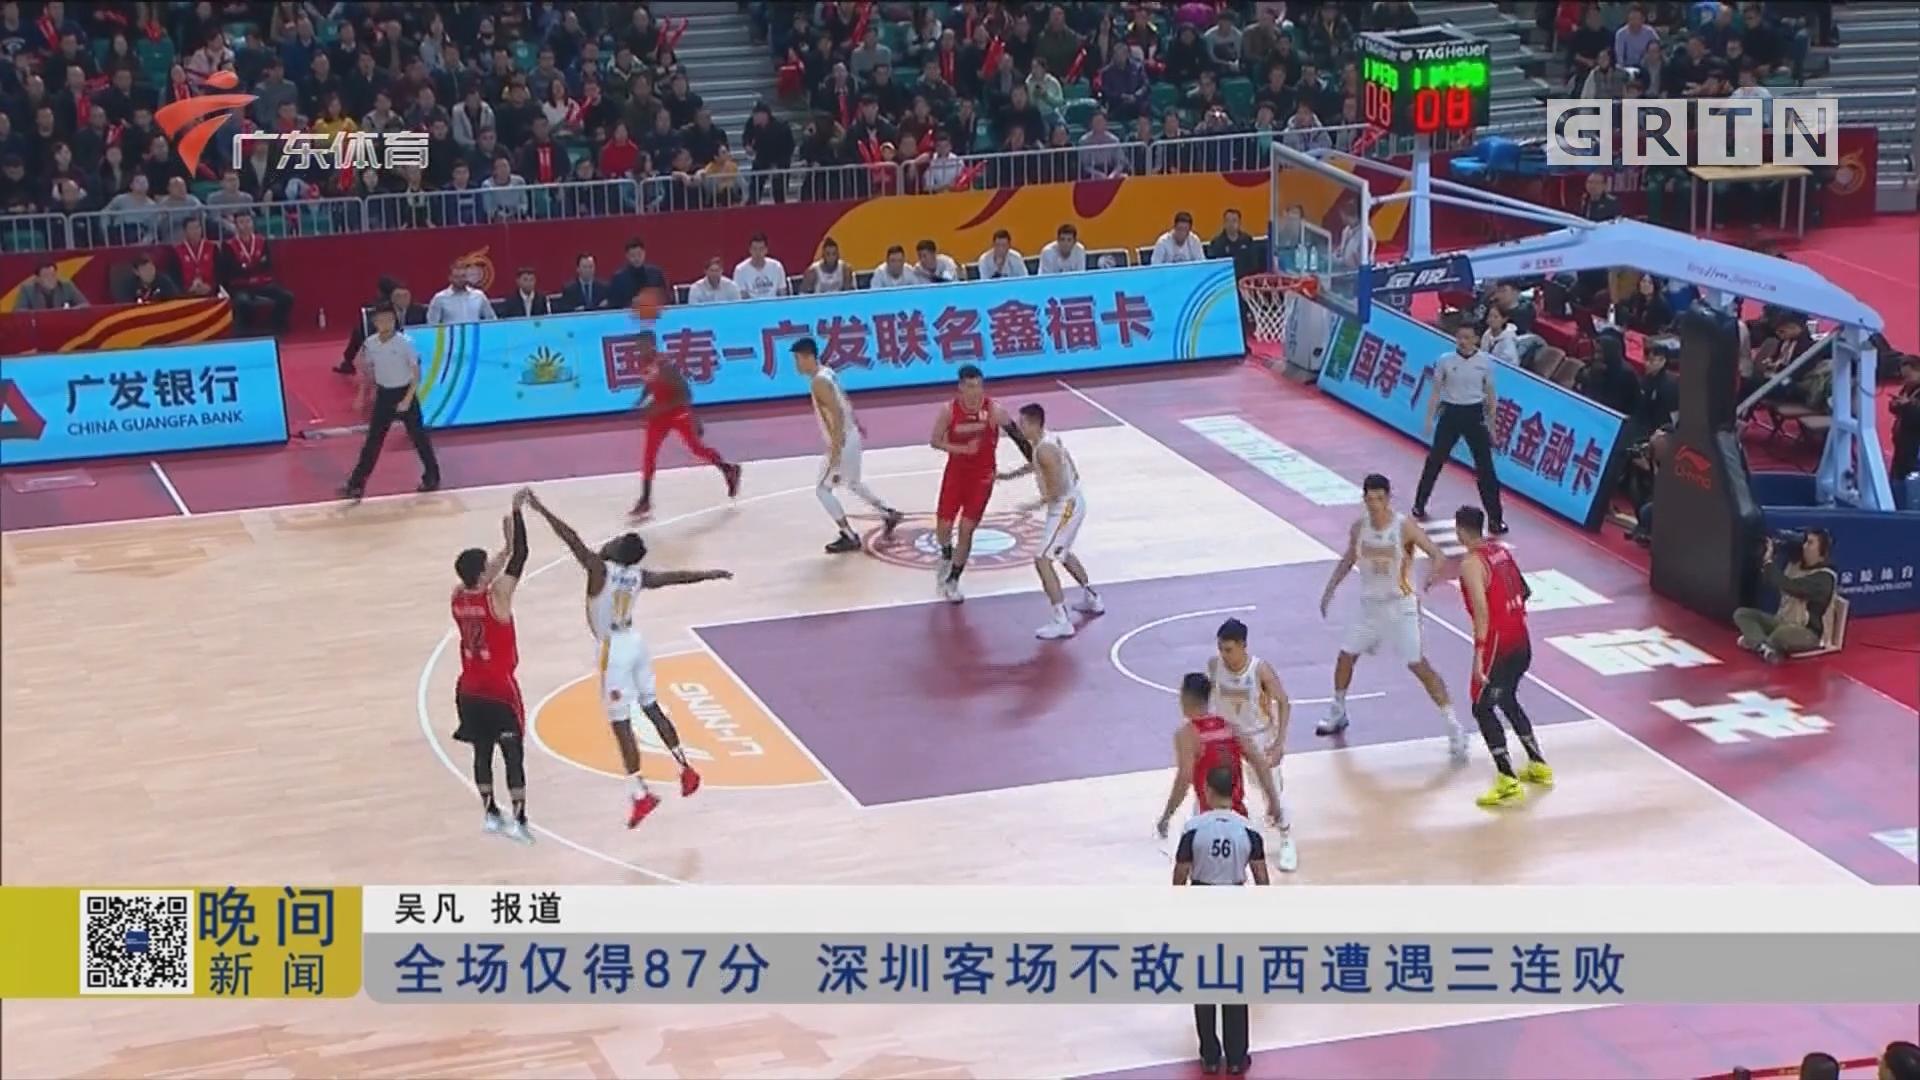 全场仅得87分 深圳客场不敌山西遭遇三连败